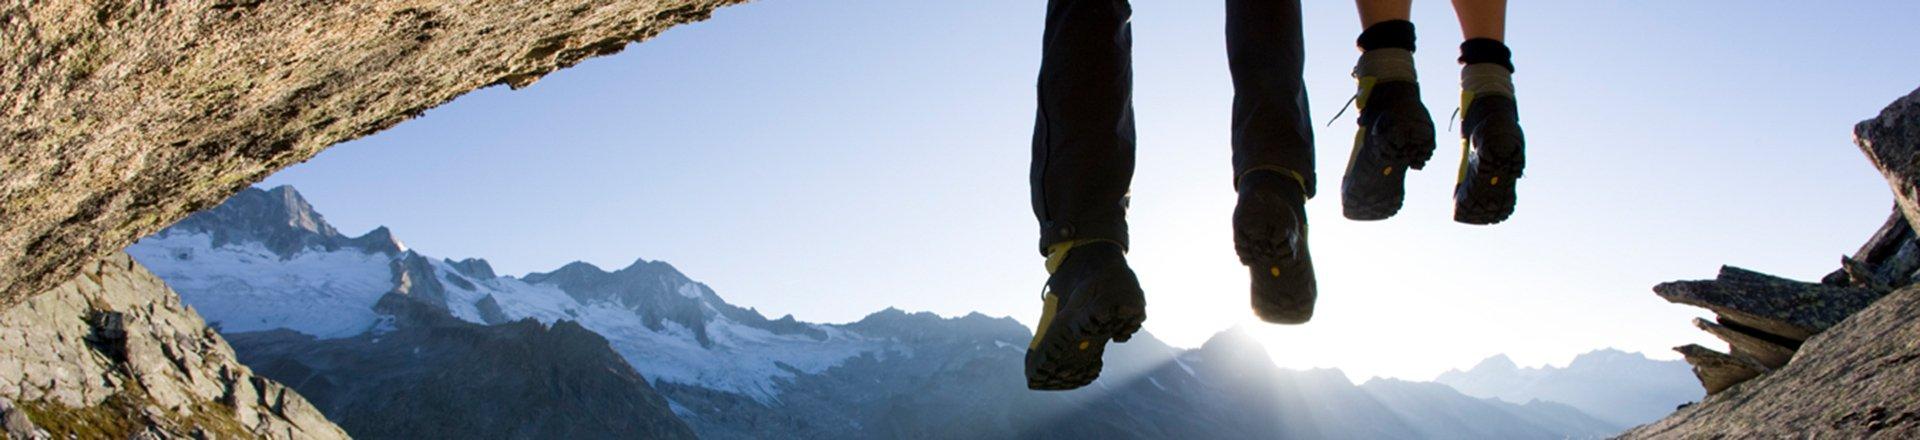 Klettern im Zillertal | Hotel Theresa